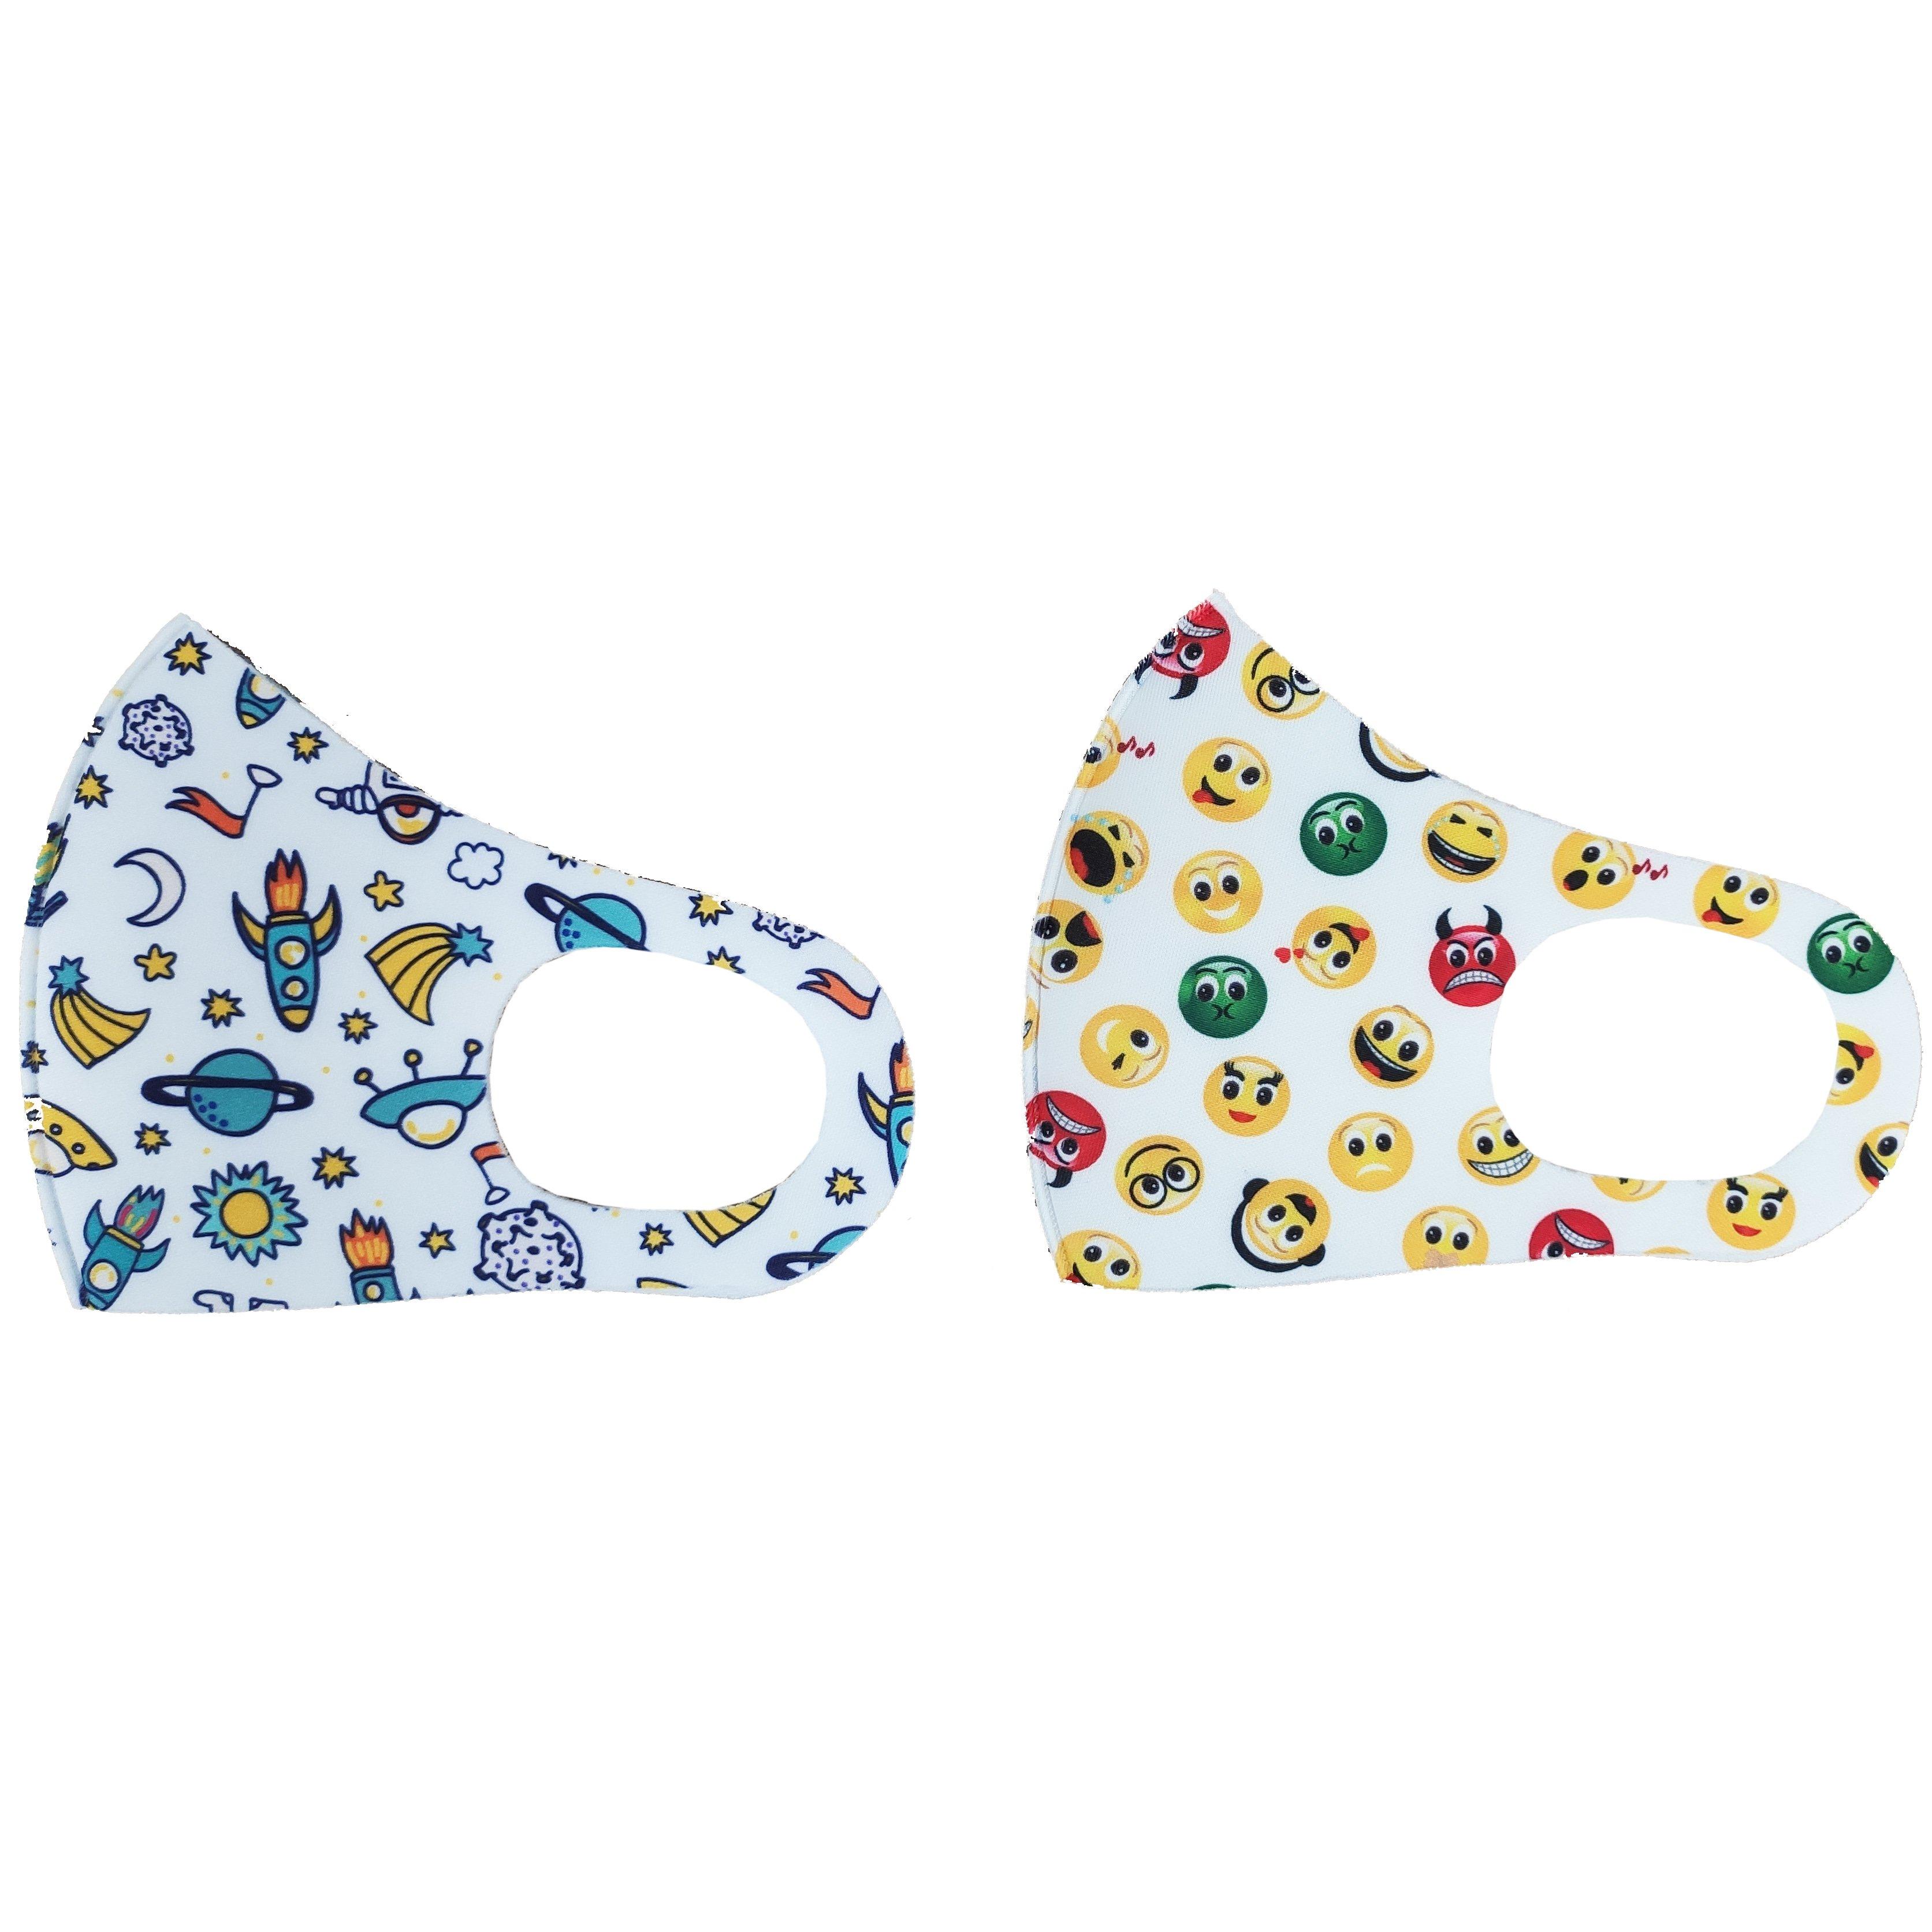 Tili Fashion Face Mask Παιδικές Μάσκες Προσώπου Πολλαπλών Χρήσεων με Σχέδια Διάστημα – Emoji για Αγόρι 2 Τεμάχια